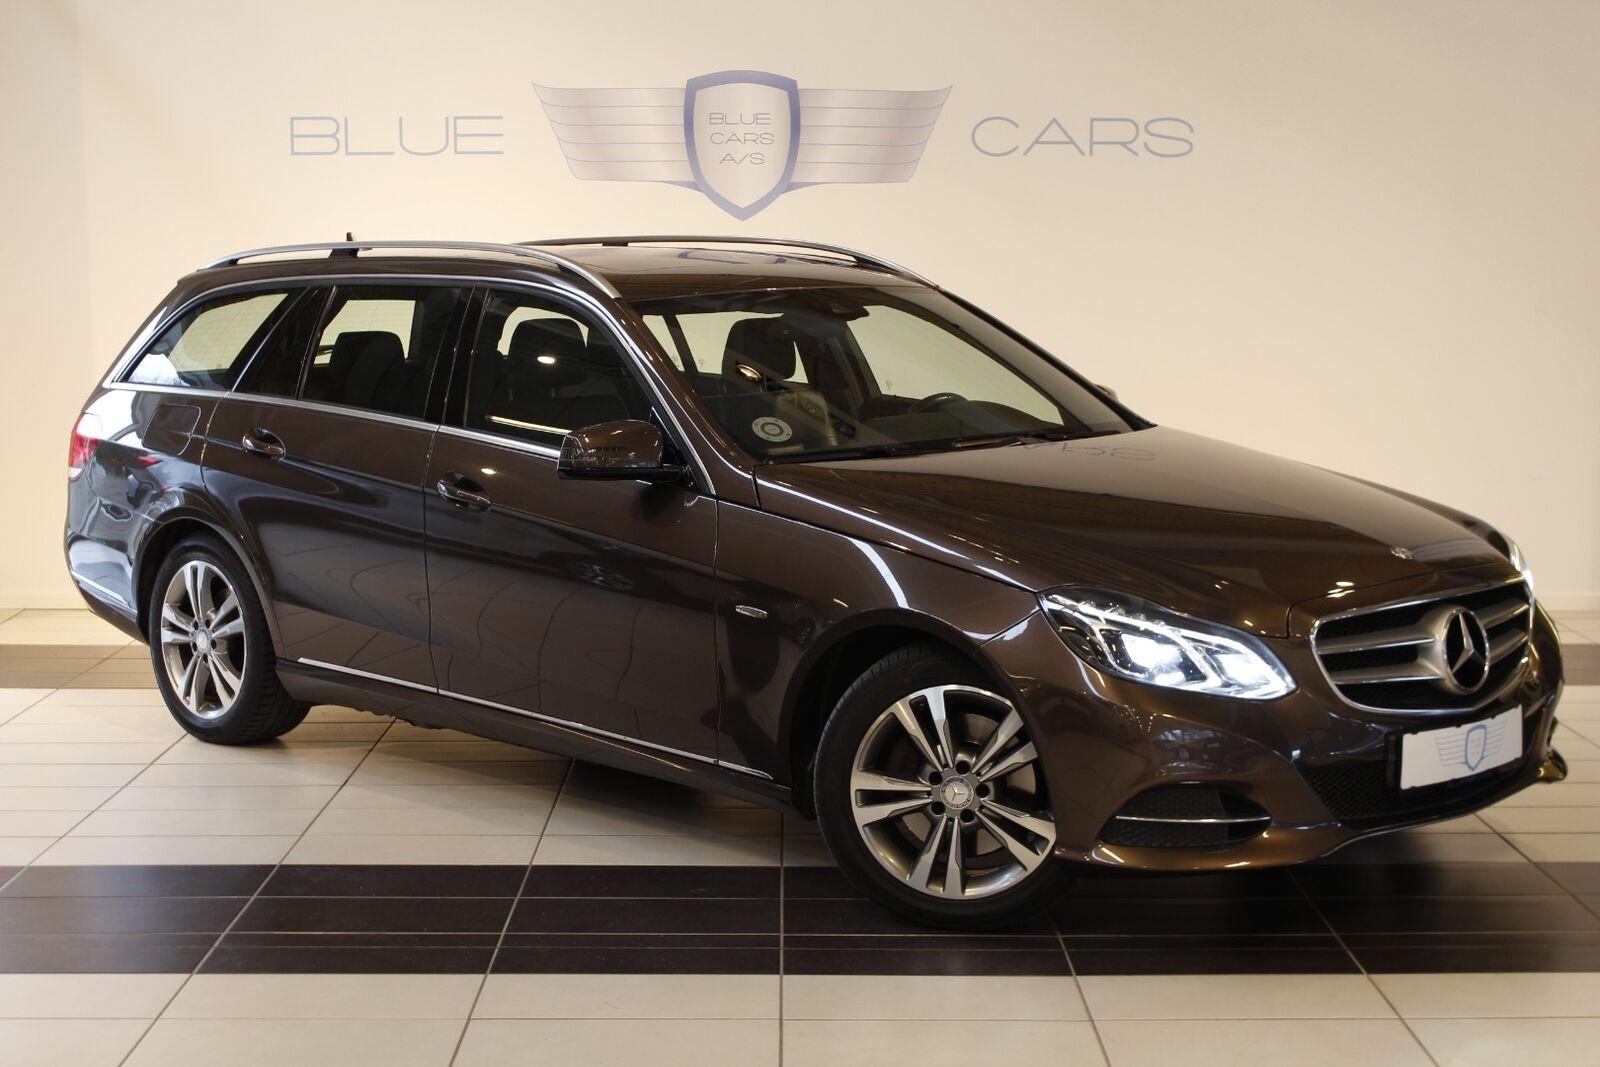 Mercedes E350 3,0 BlueTEC stc. aut. 5d - 2.068 kr.